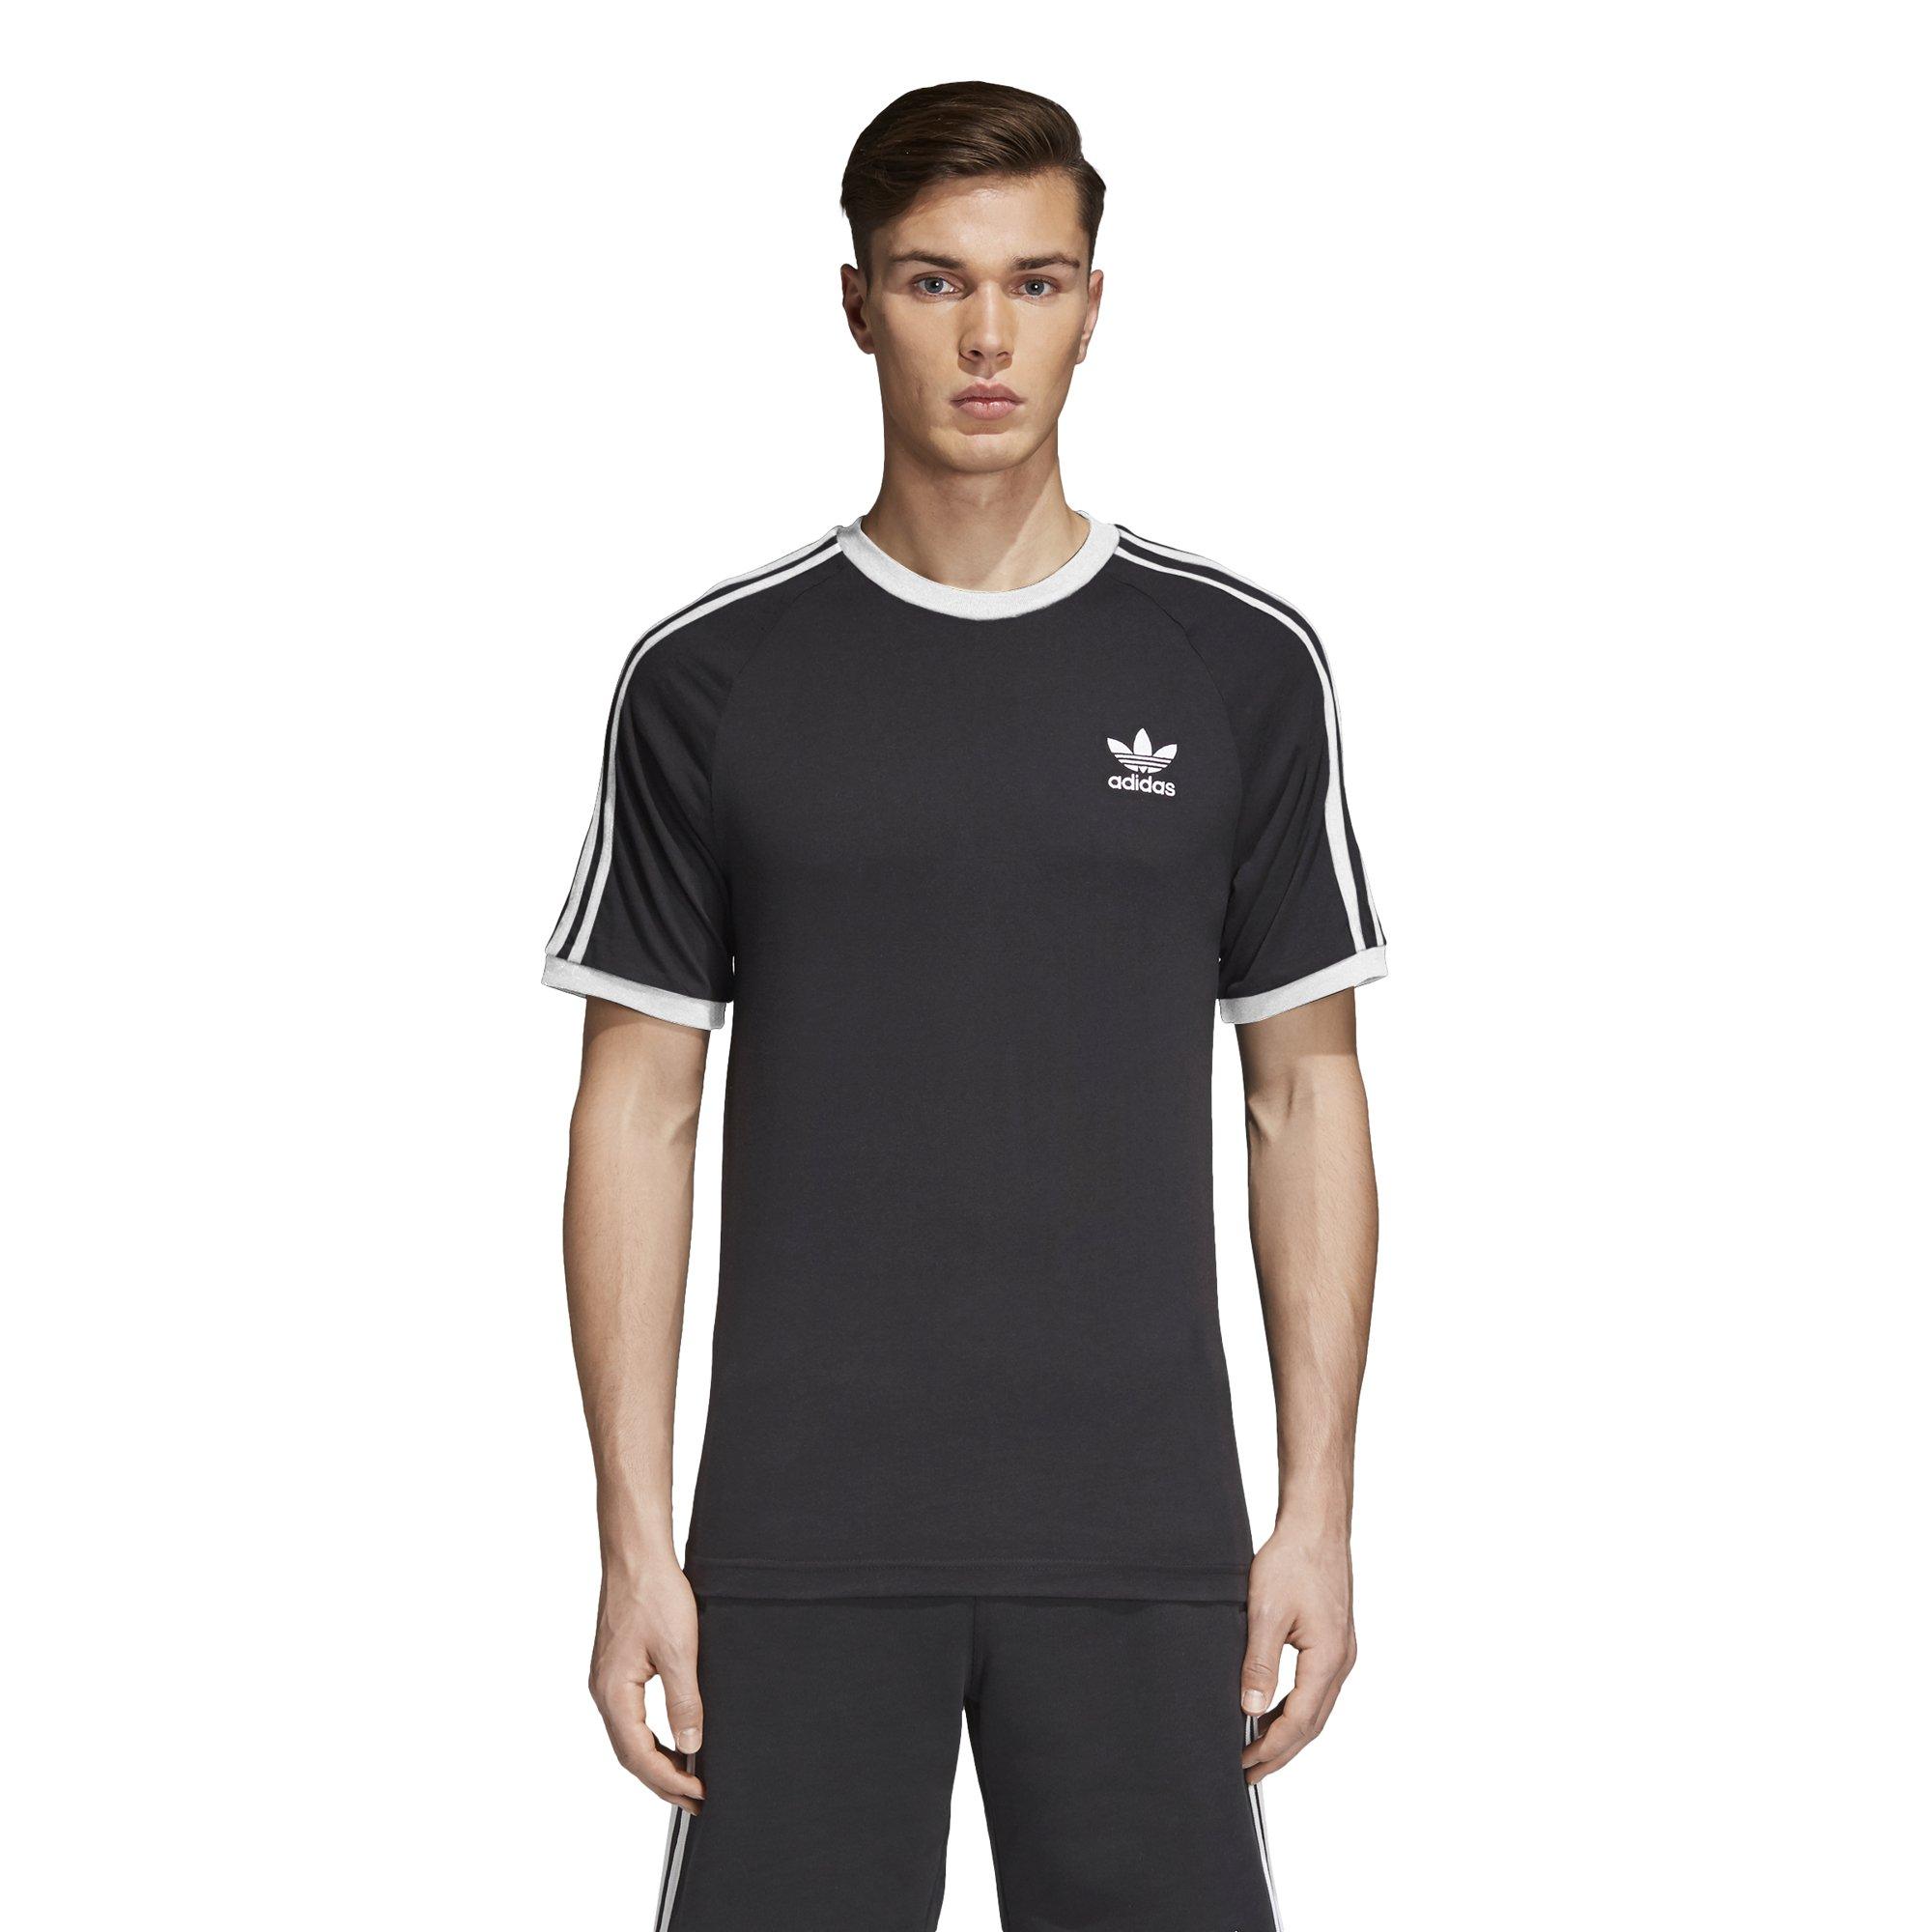 Adidas Men's Originals 3 Stripes Tee, Black, M